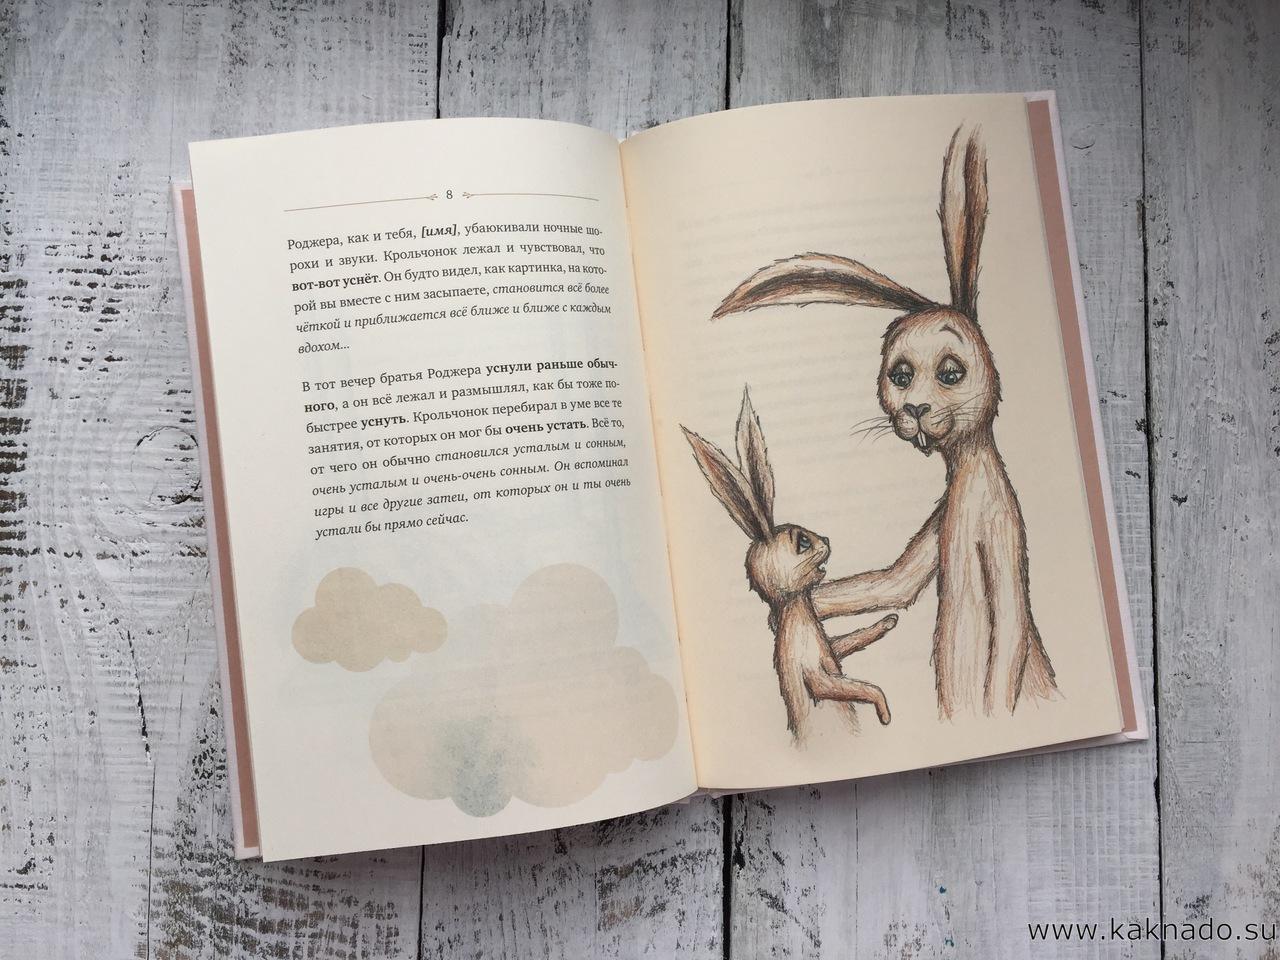 Кролик, который хочет уснуть (3)